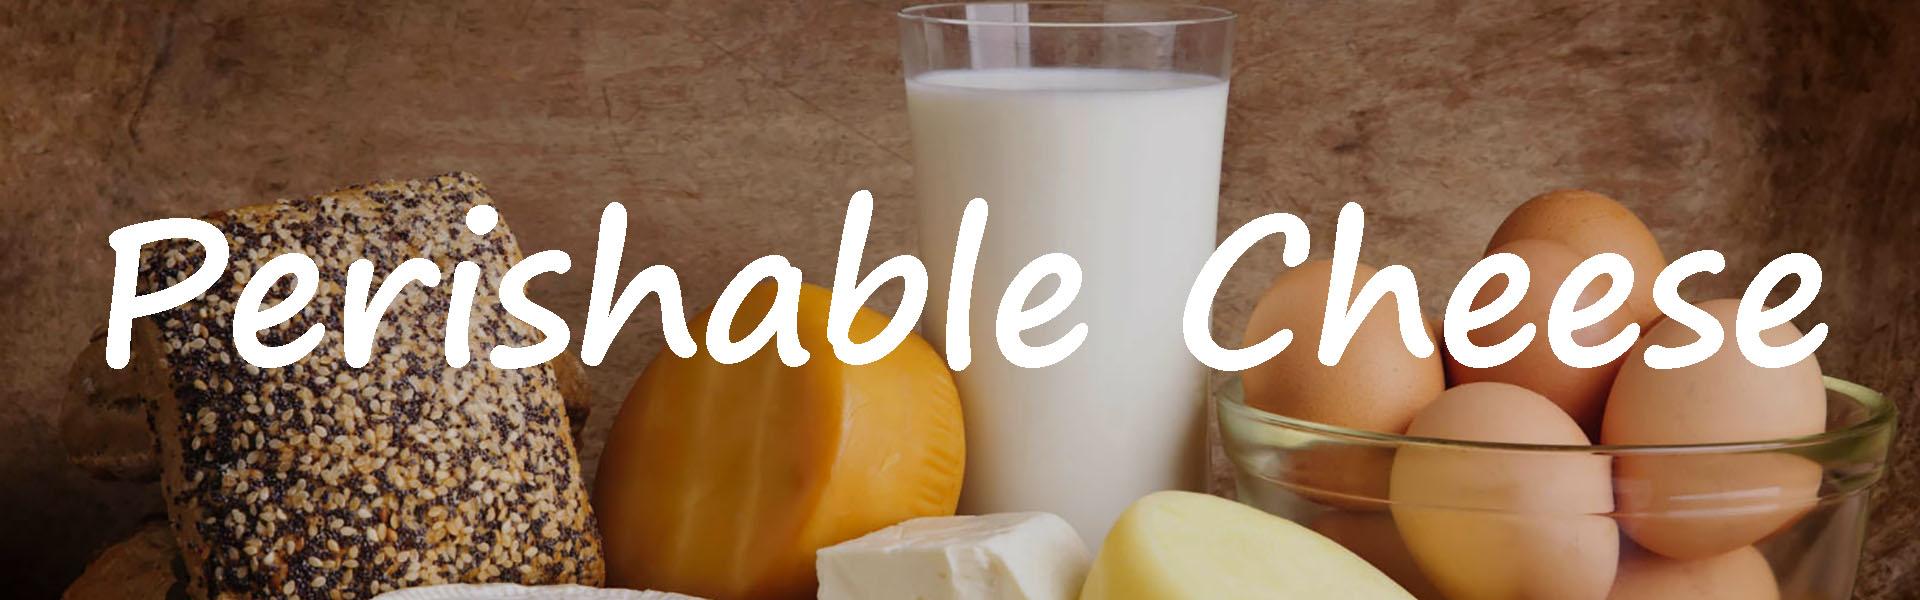 web-ready-perishable-cheese-1